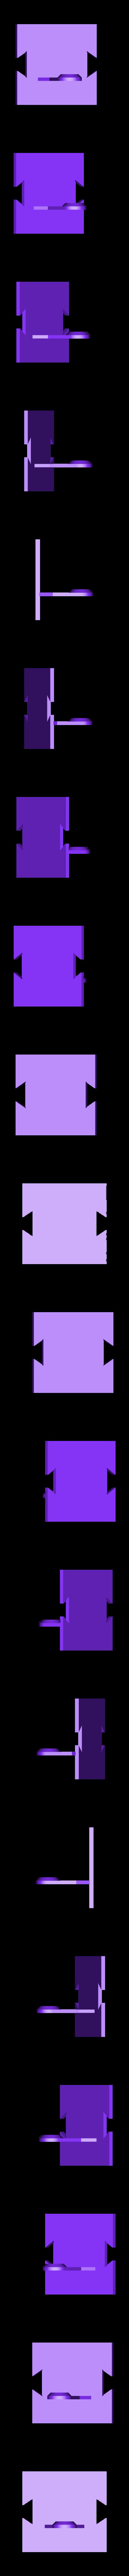 Clockwise Mechanism Base Bottom.stl Download STL file Clockwise Mechanism • 3D printer model, Chrisibub